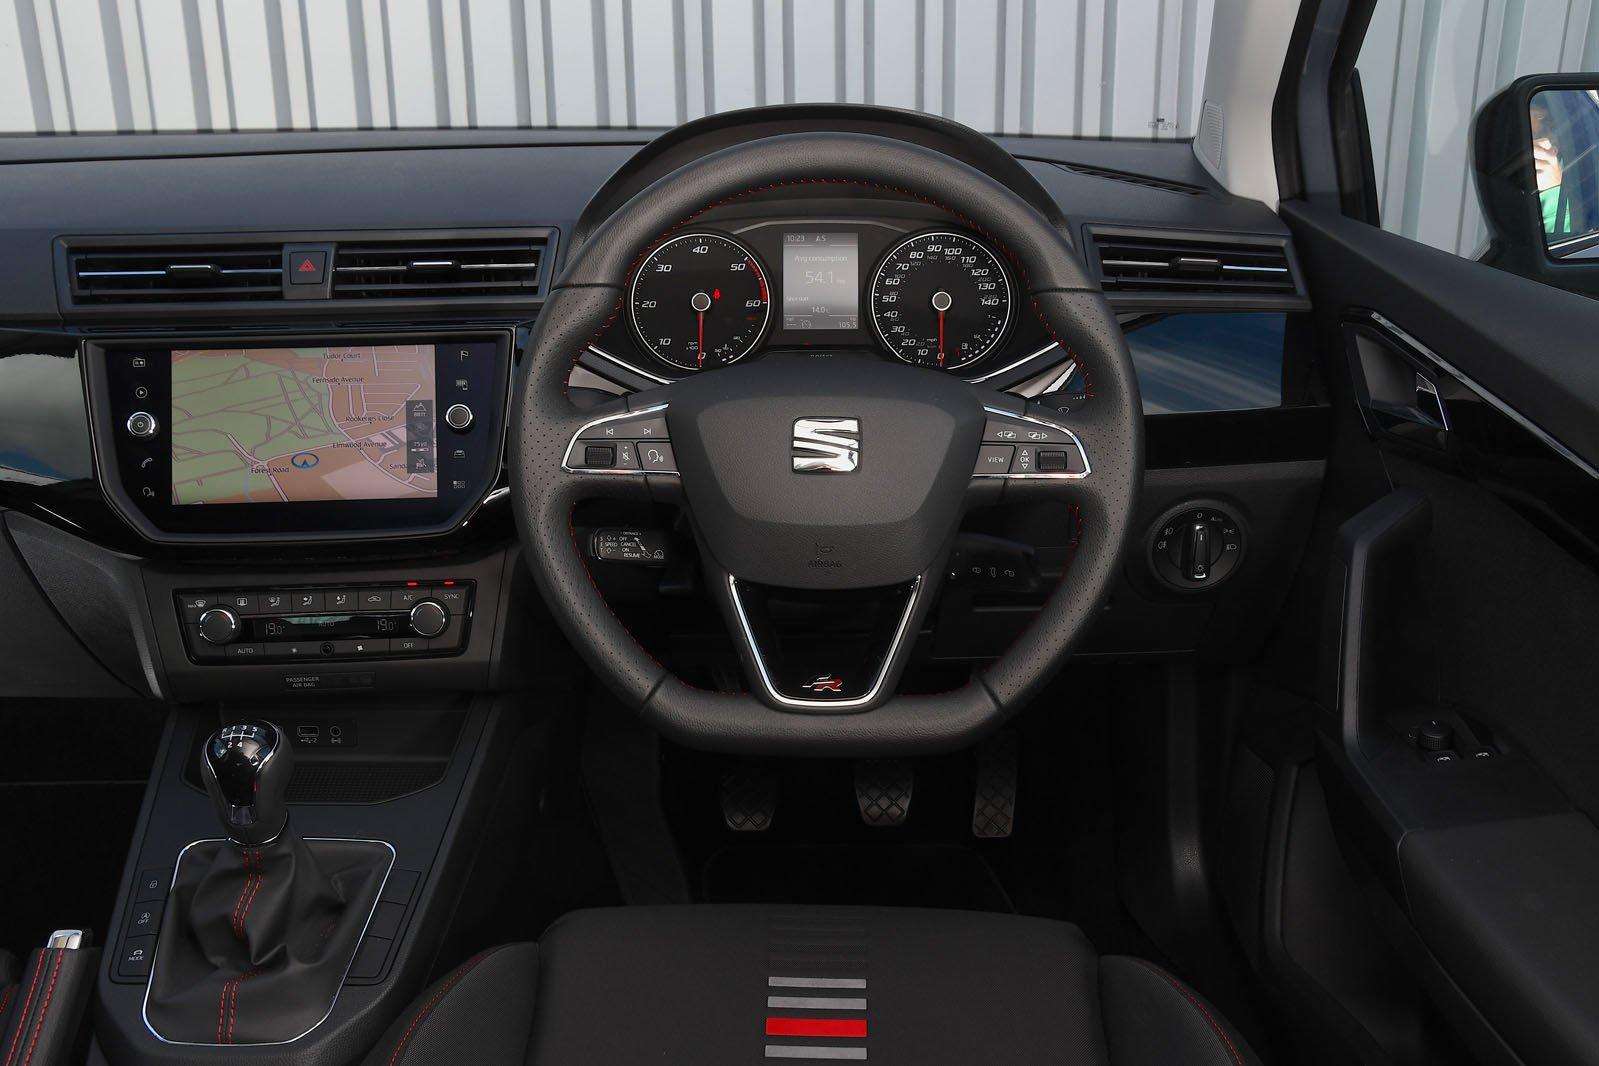 Seat Ibiza 2018 RHD dashboard